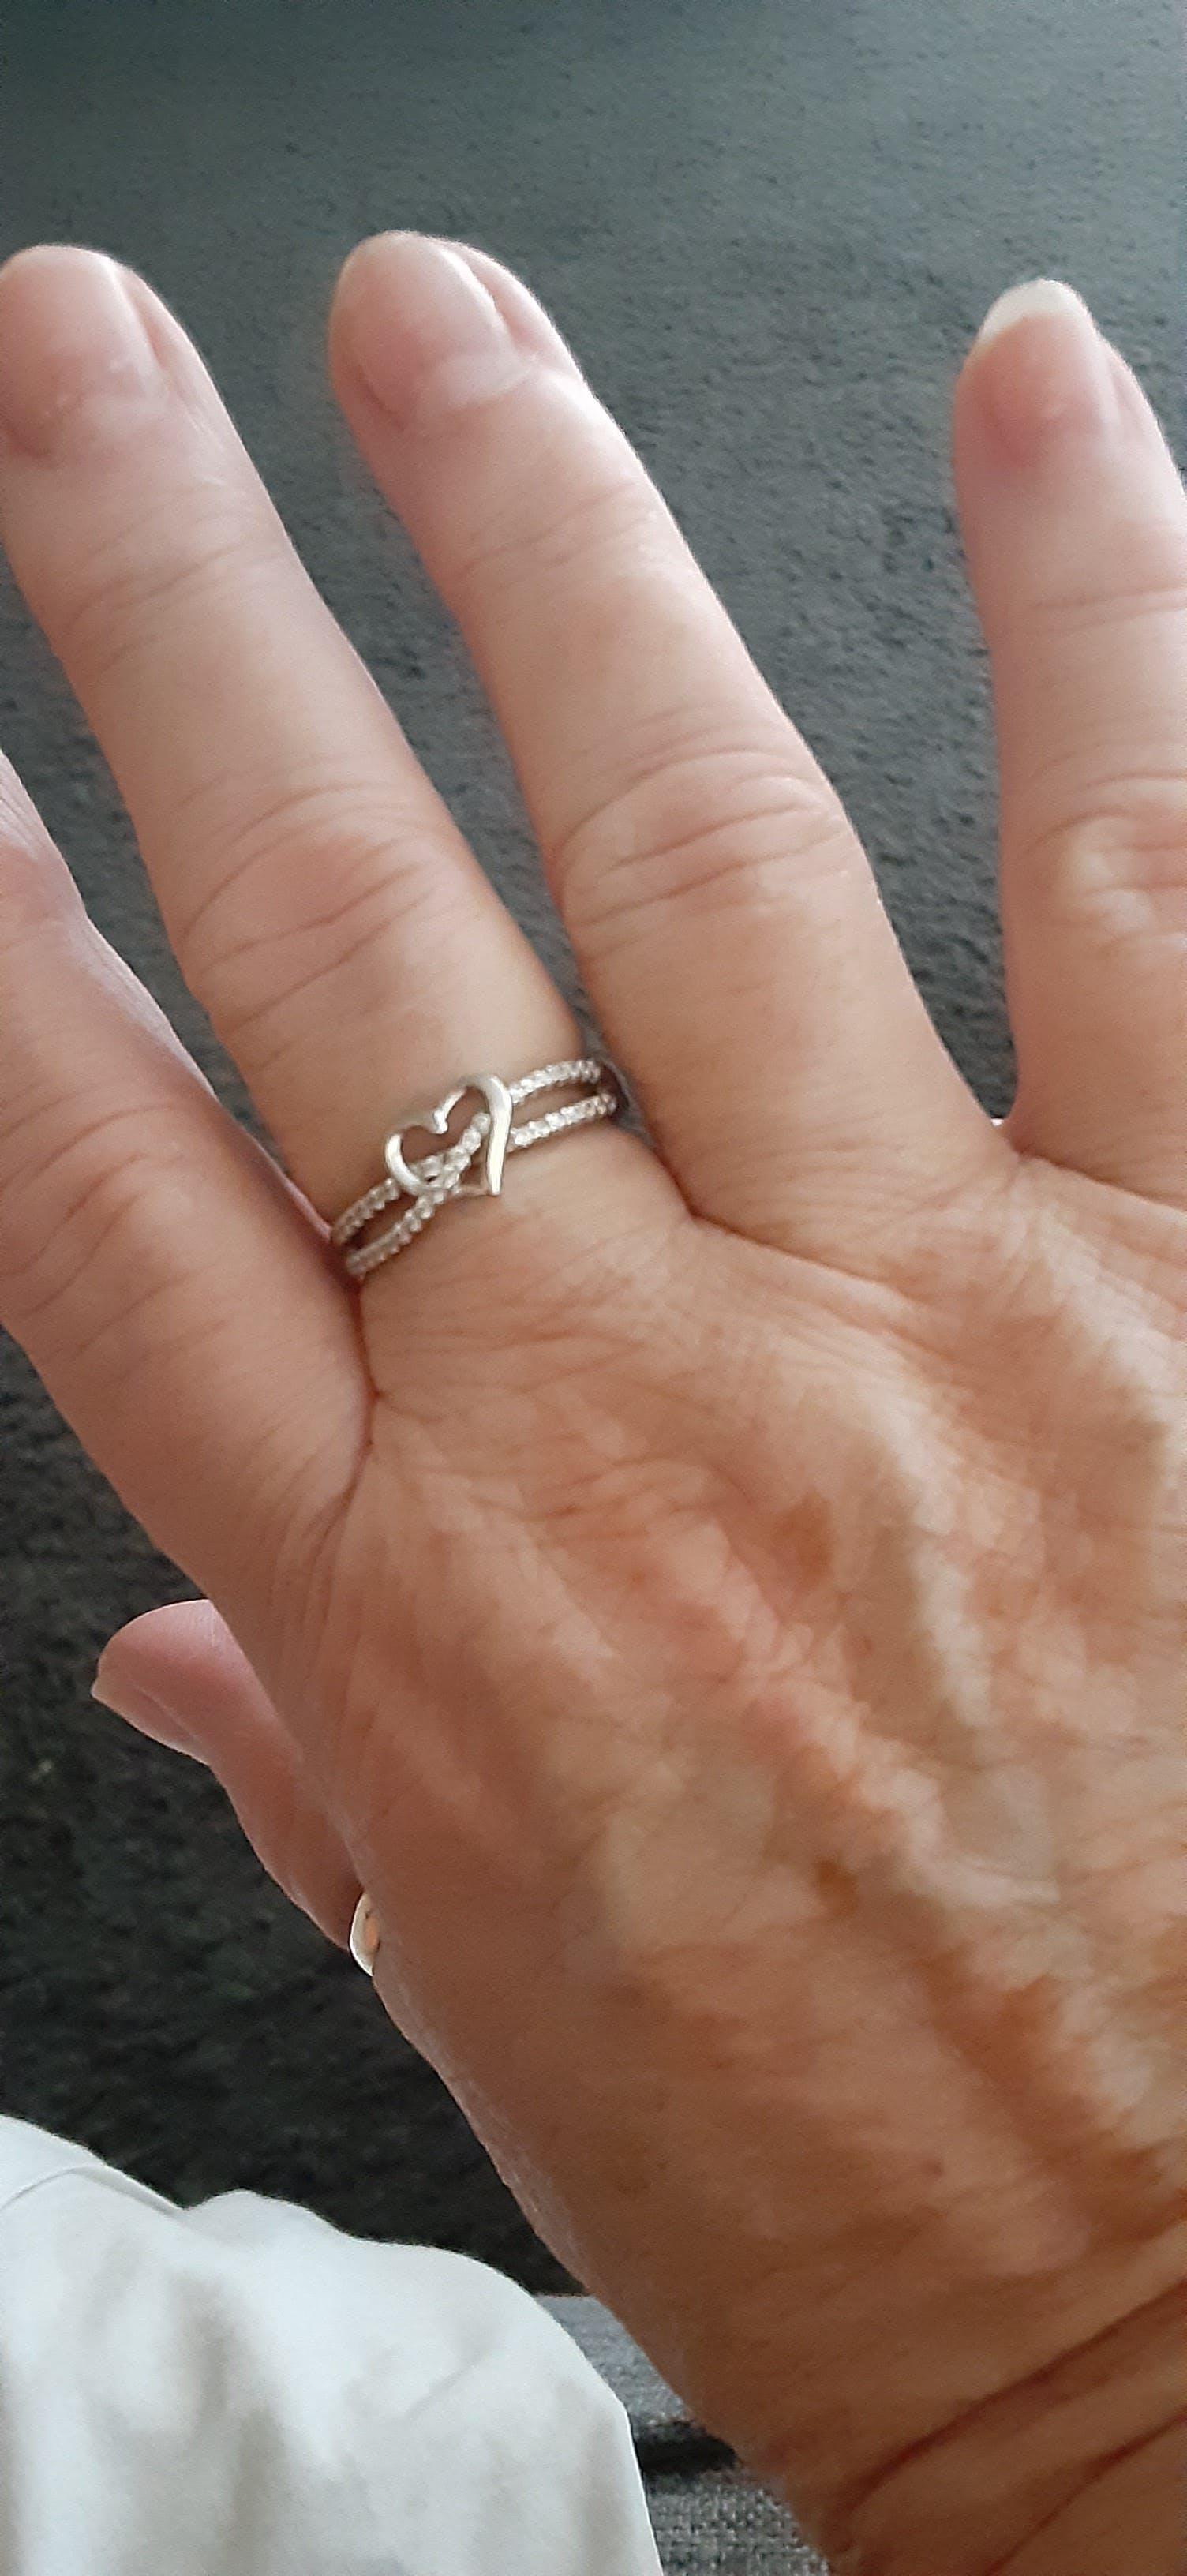 Dreamland Jewelry Rings : dreamland, jewelry, rings, Sterling, Silver, Heart